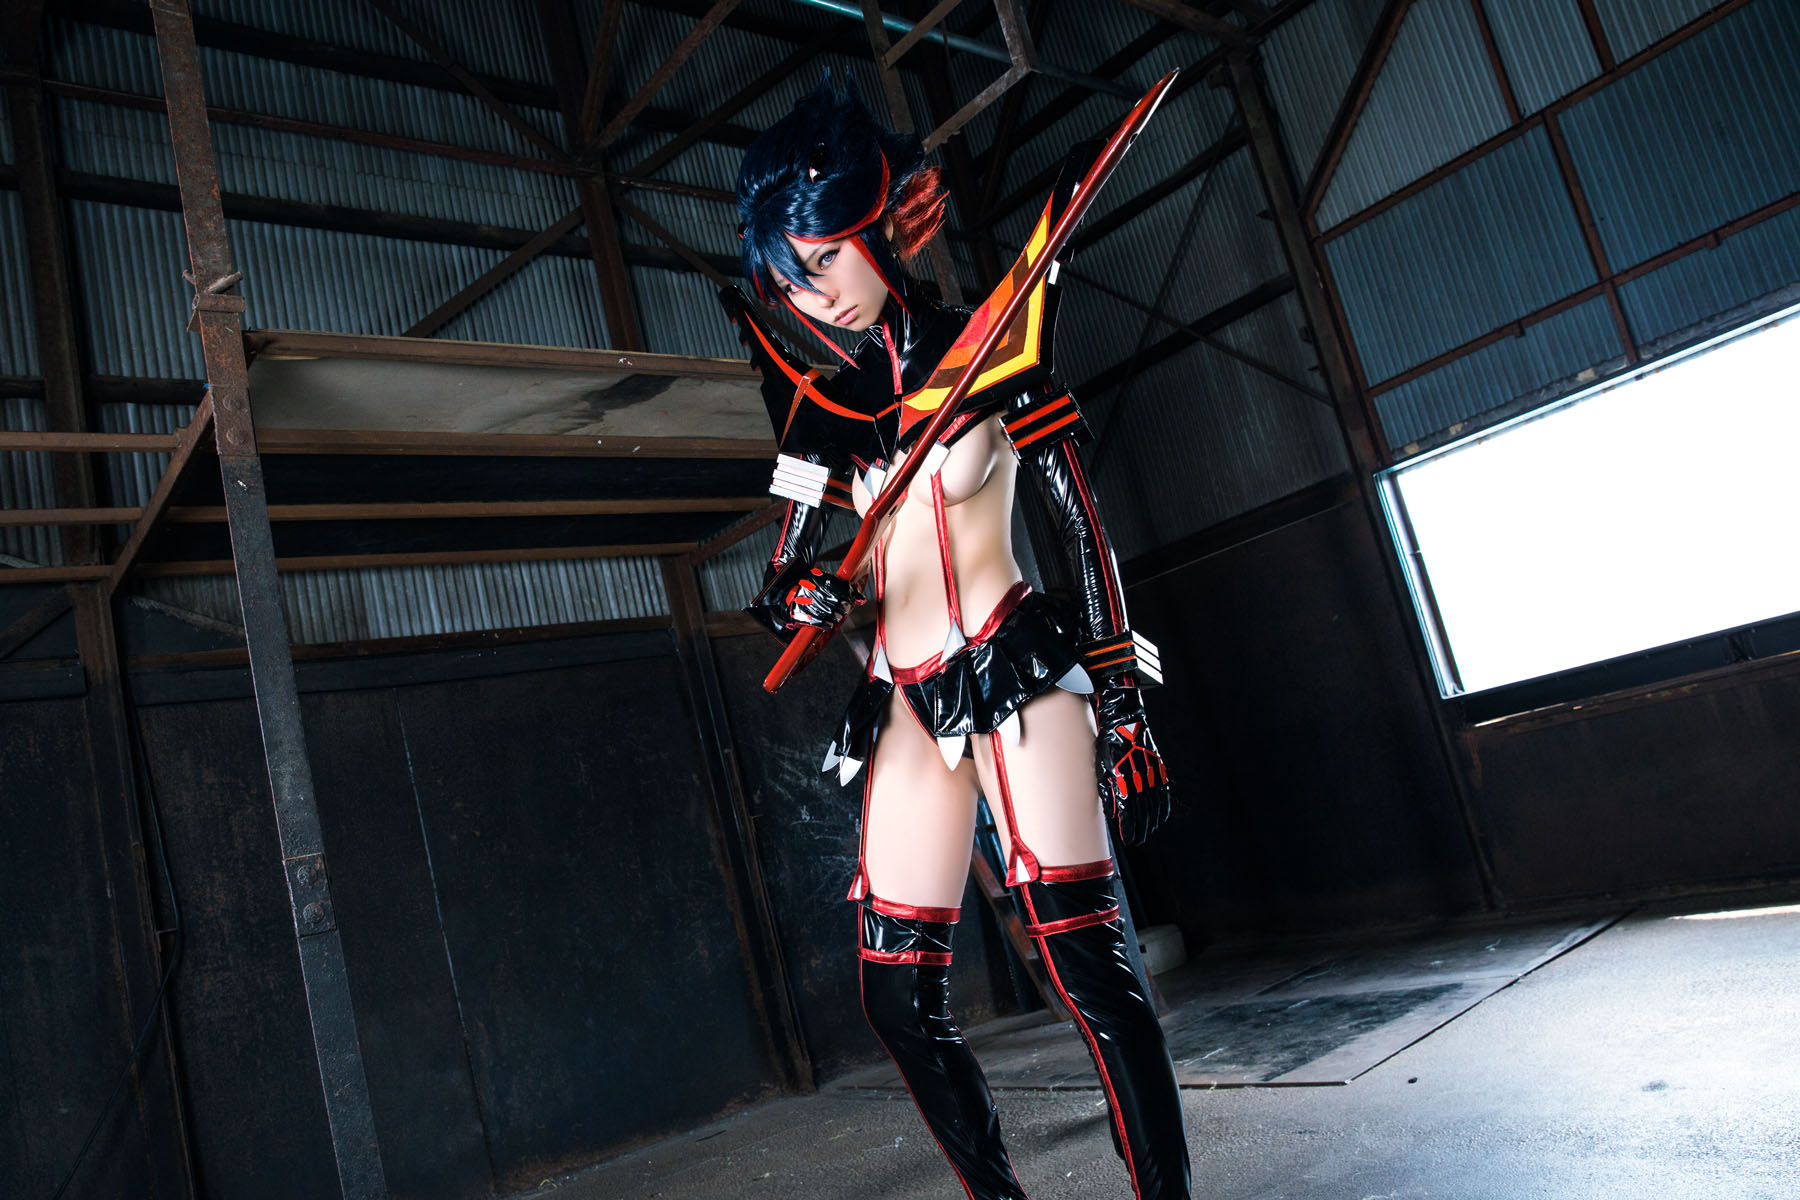 Kill la Kill Ryuuko Matoi anime cosplay by Mikehouse 0087